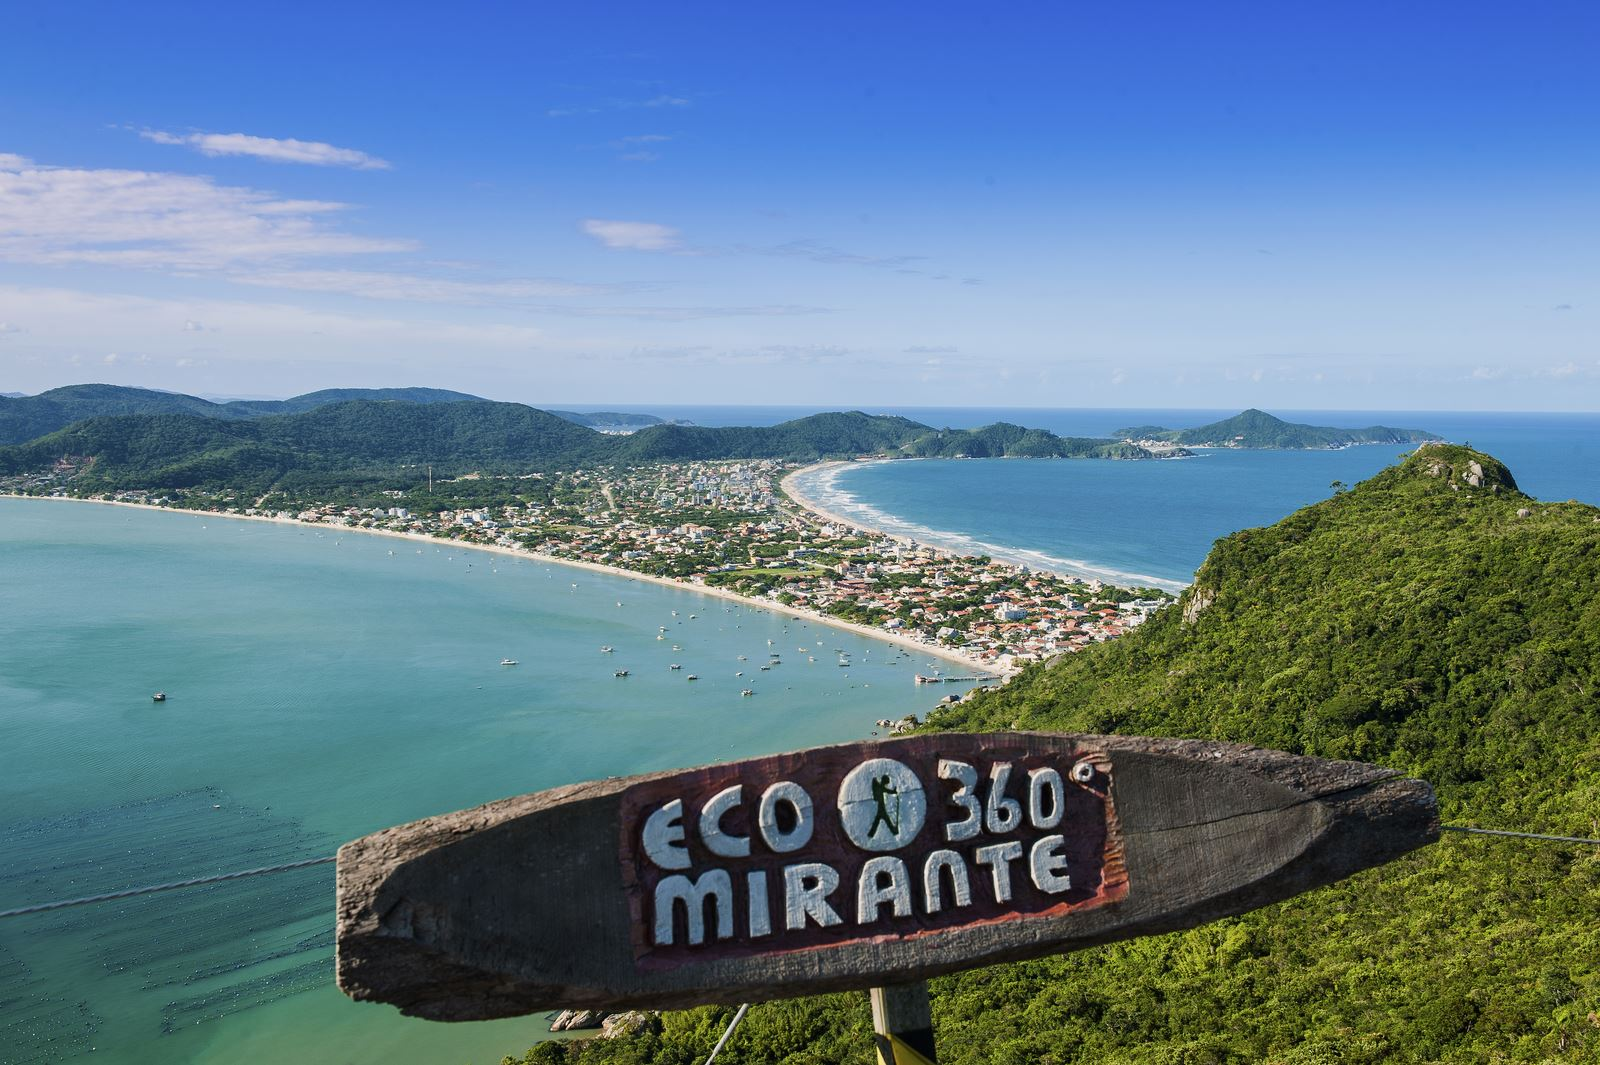 Mirante Eco 360º: uma experiência impactante